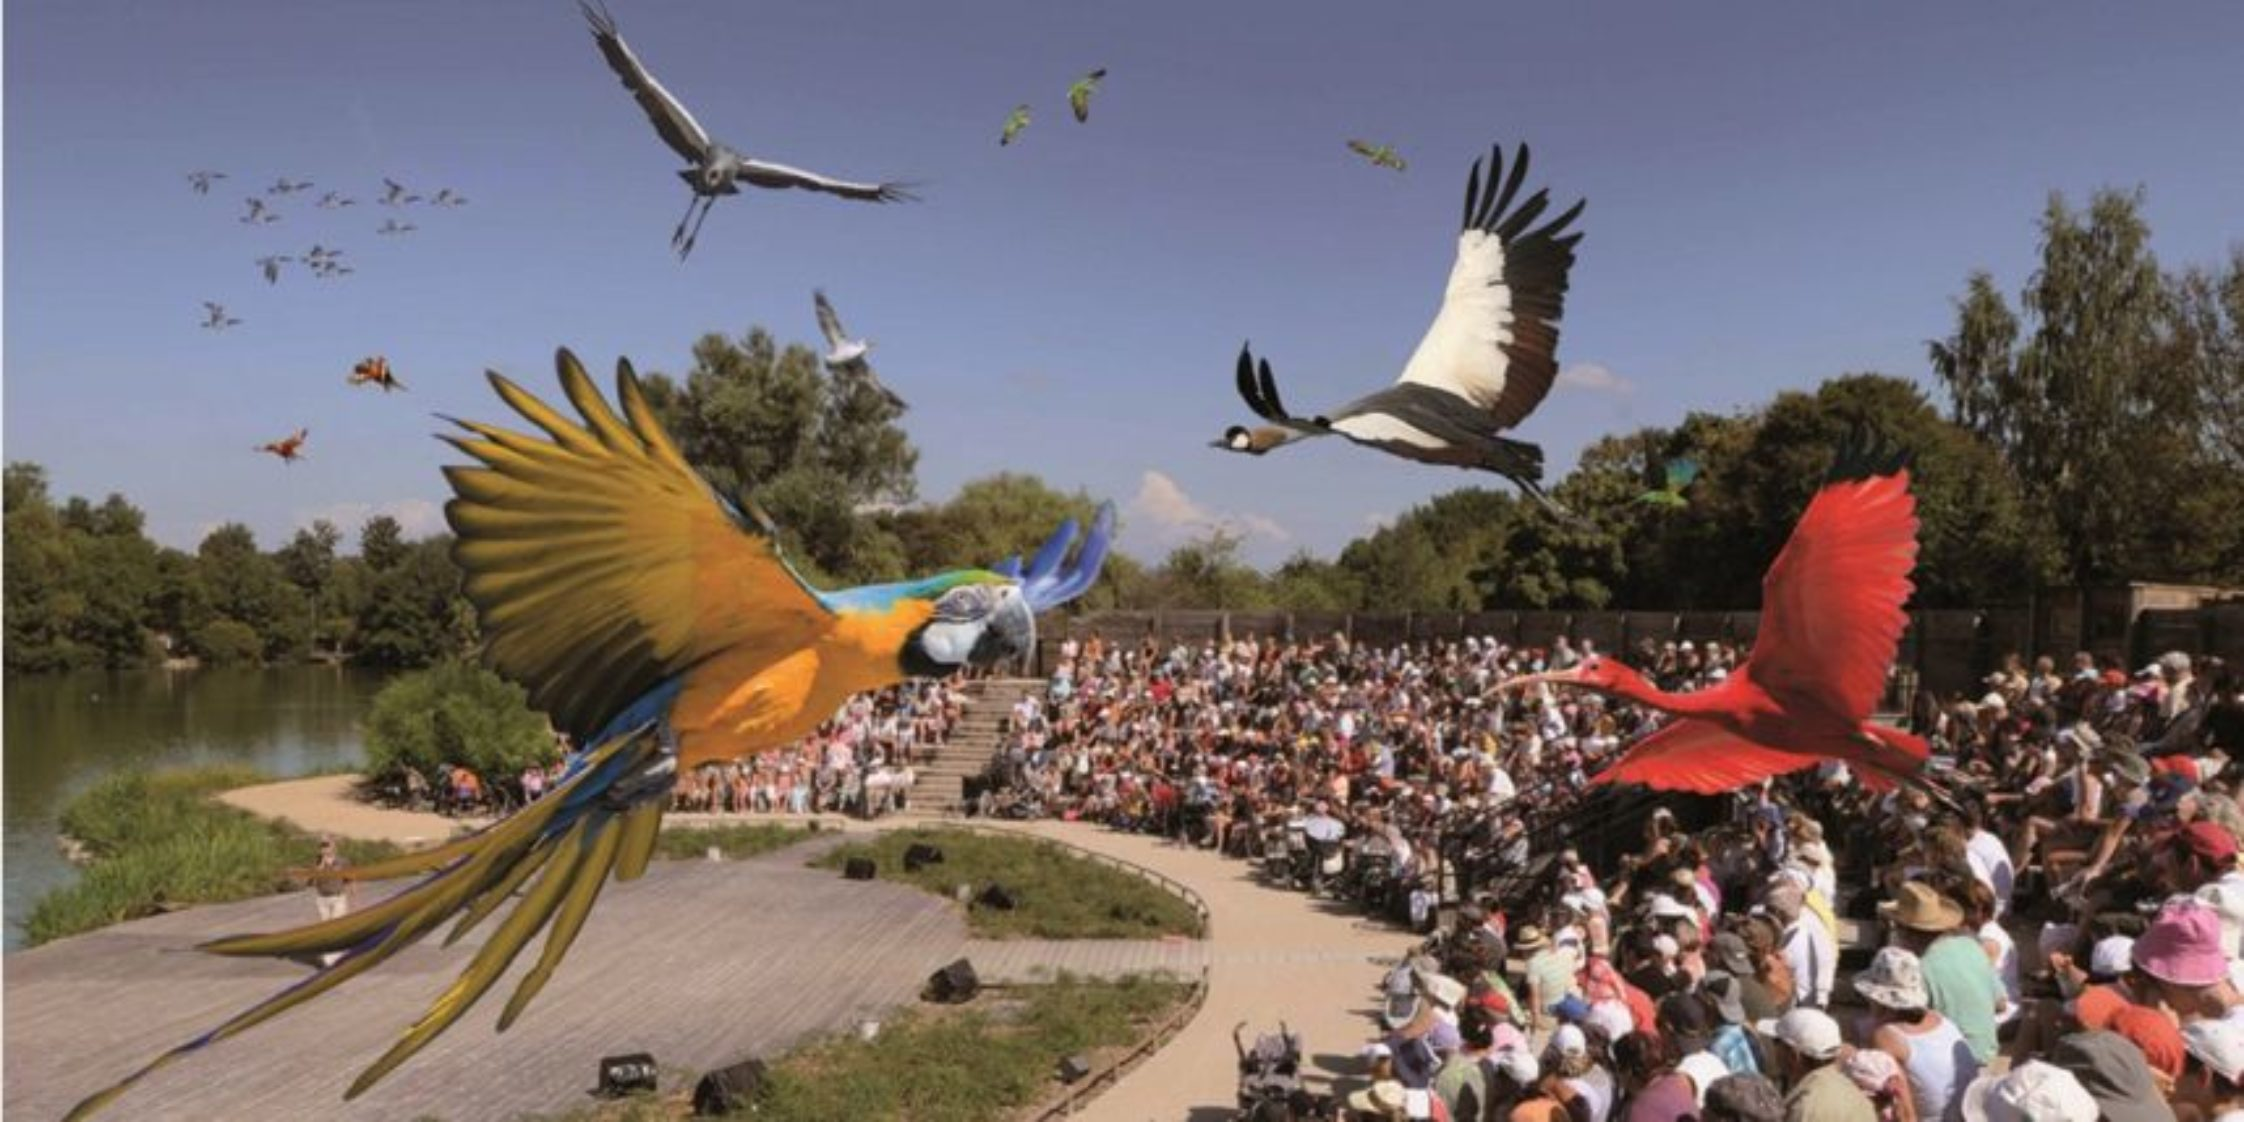 Le Parc des Oiseaux : à visiter absolument